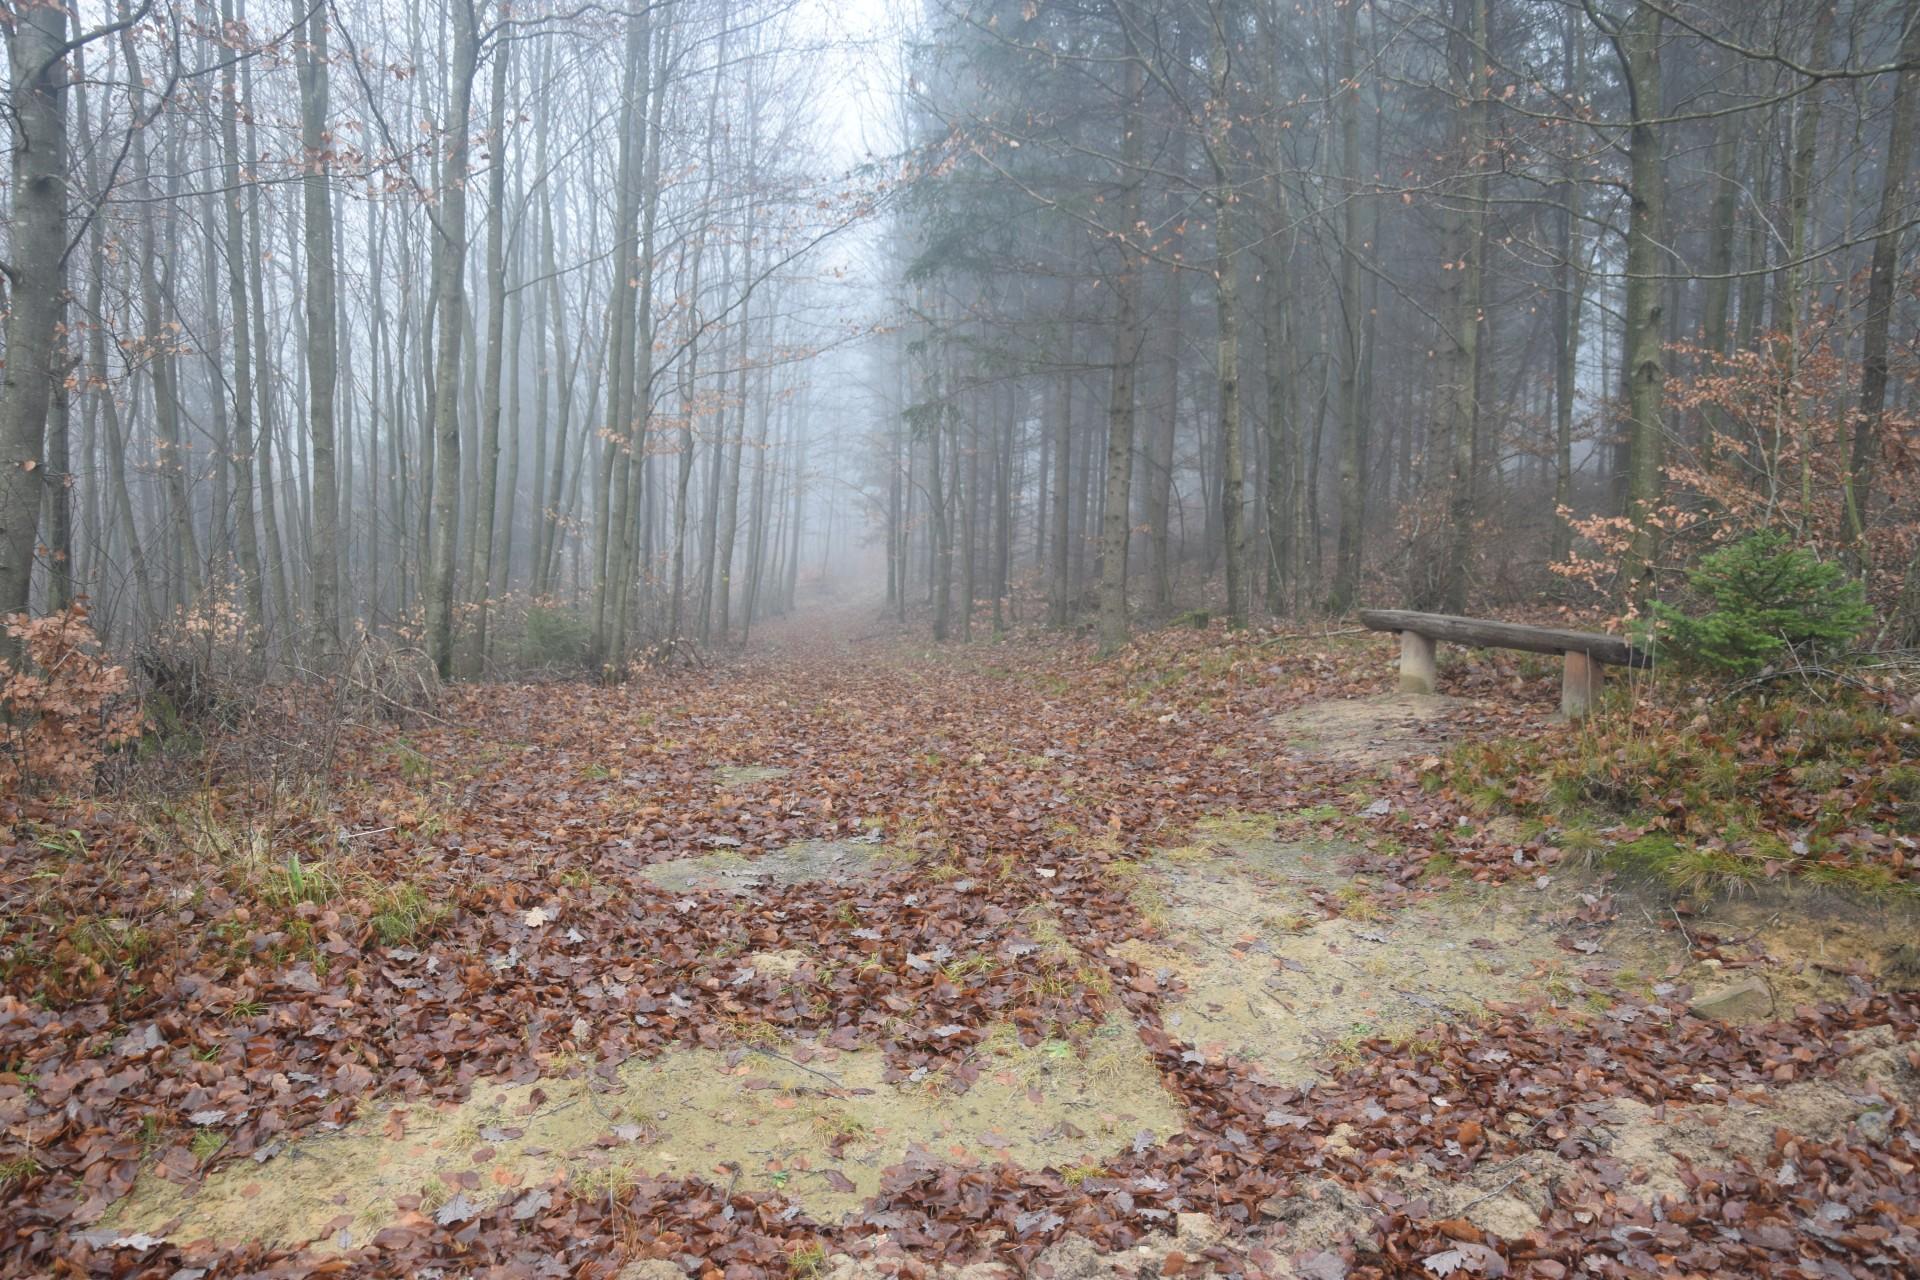 W tym miejscu schodzimy z czerwonego szlaku pieszego. Idziemy ścieżką - na zdjęciu, do Kapliczki Leśnika. Fot. Tomasz Słomczyński/Magazyn Kaszuby